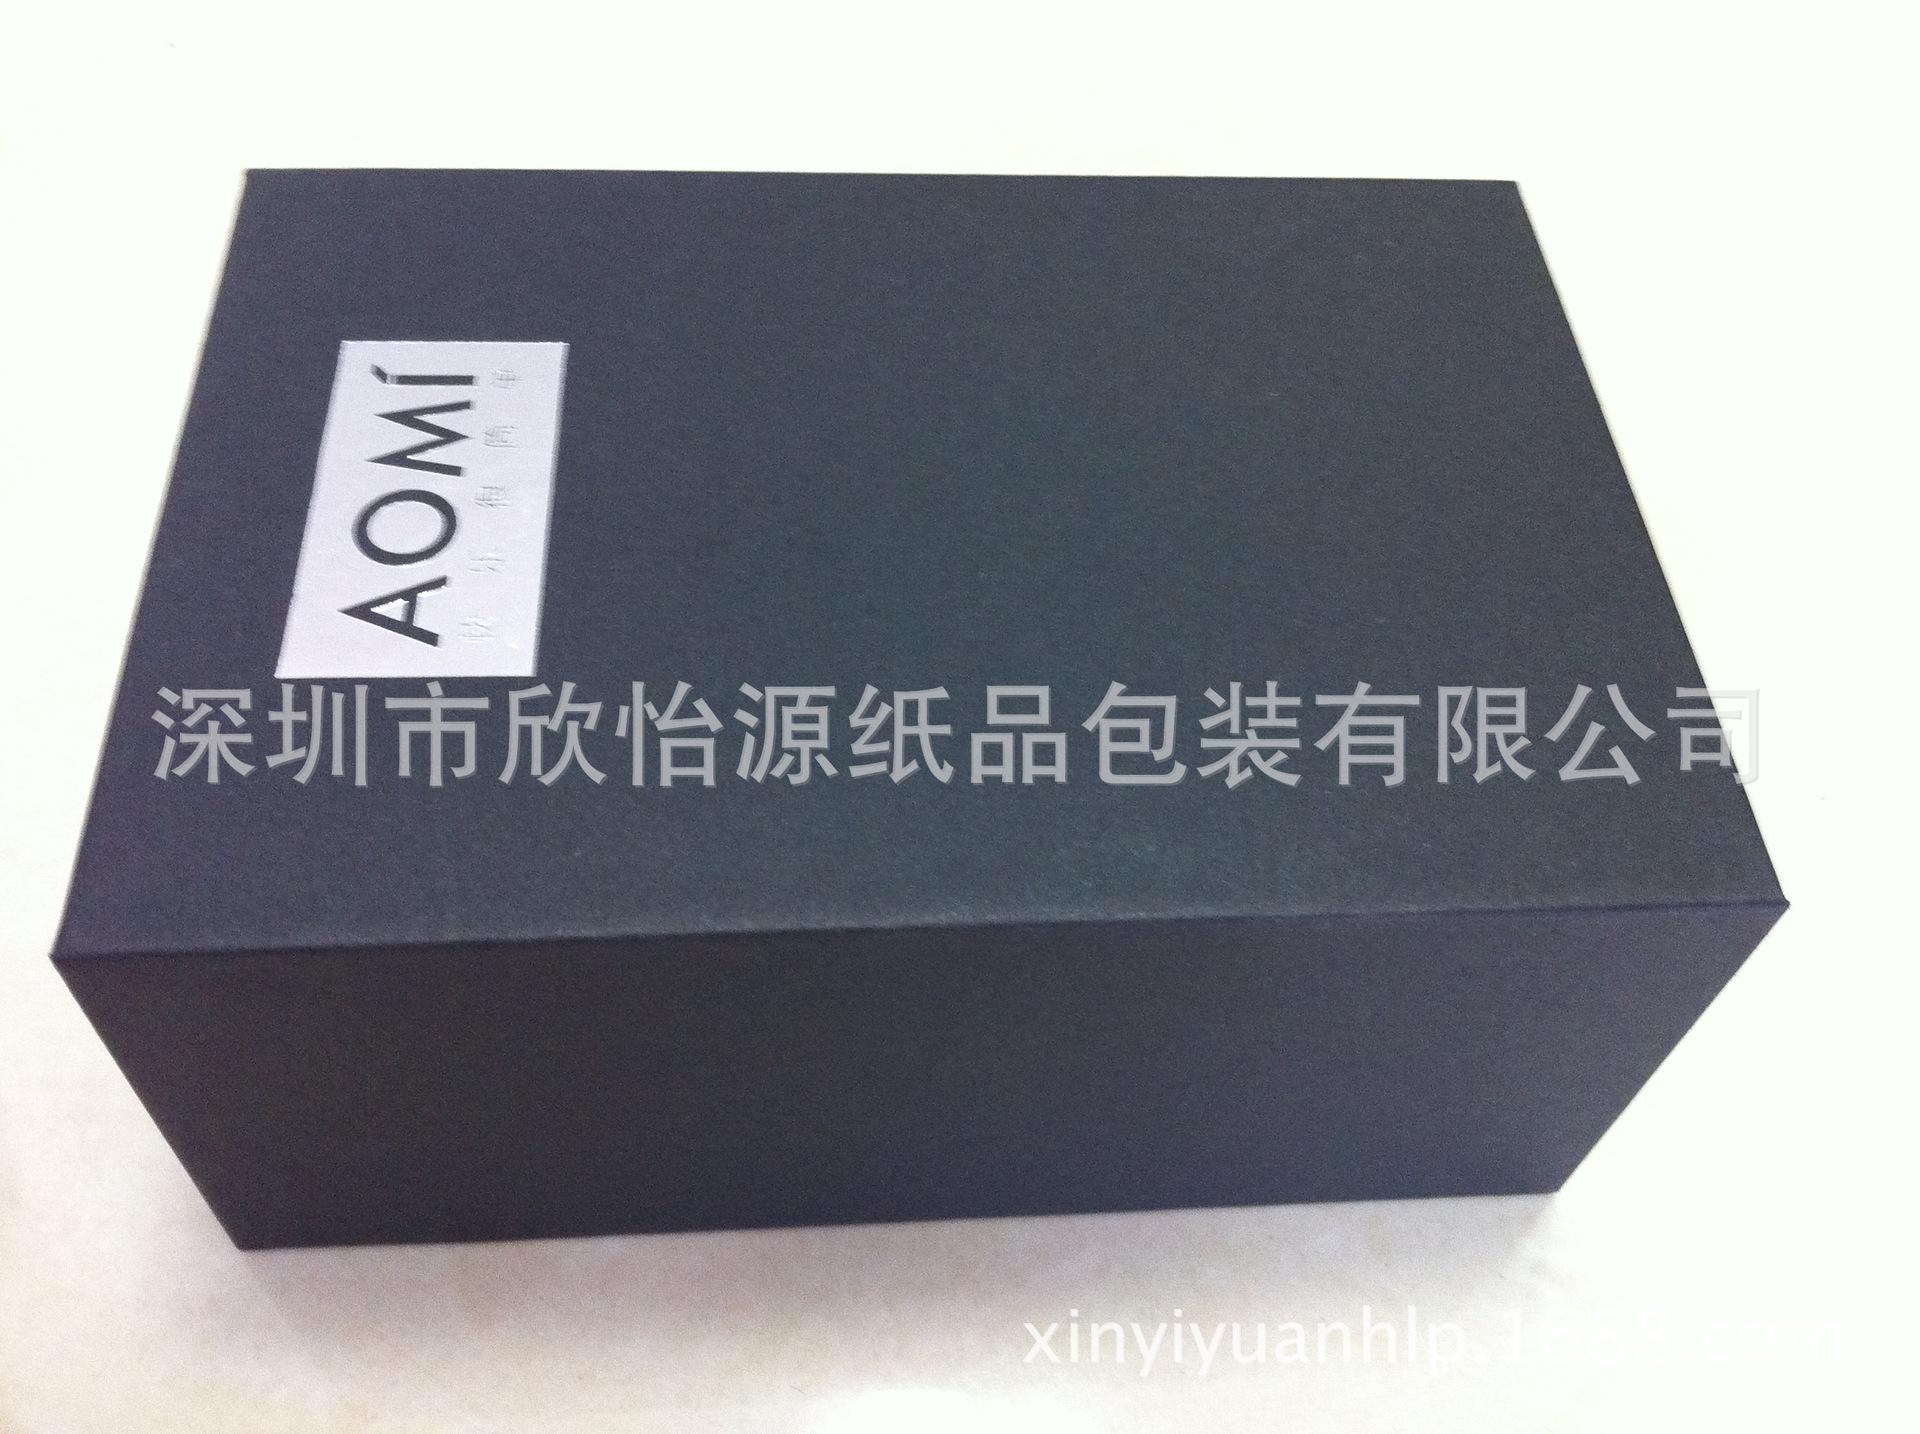 苹果-黑色特种纸平板电脑包装盒三星纸盒小11手机点图片